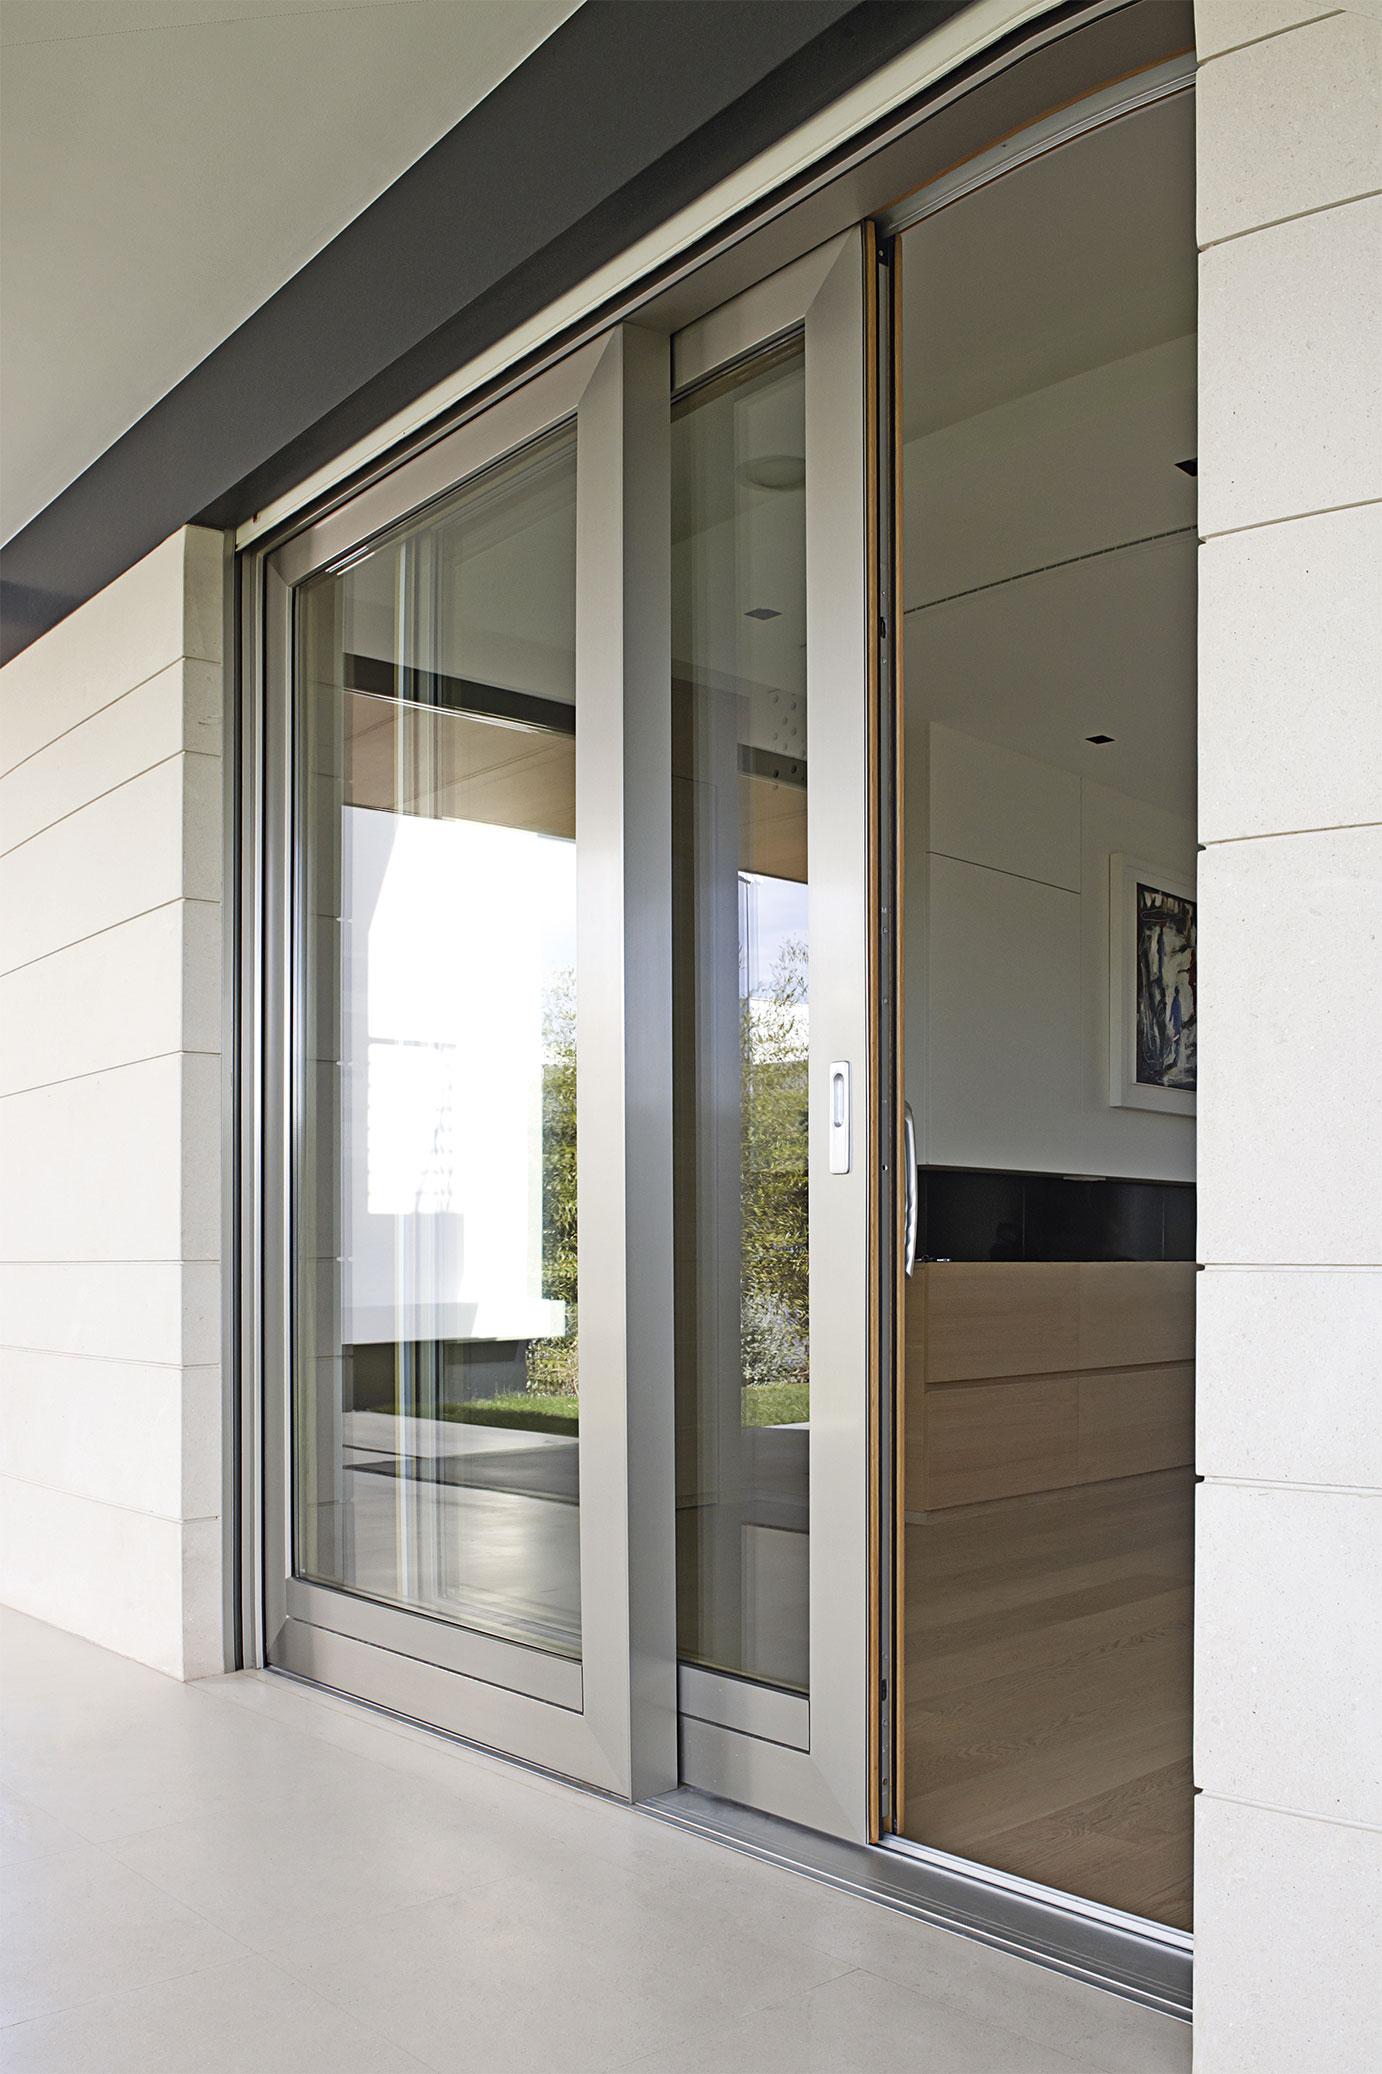 portfolio-10-colacicco-legno-porte-interni-esterni-infissi-legno-alluminio-pvc-parquet-pavimenti-scale-schermature-avvolgibili-matera-basilicata